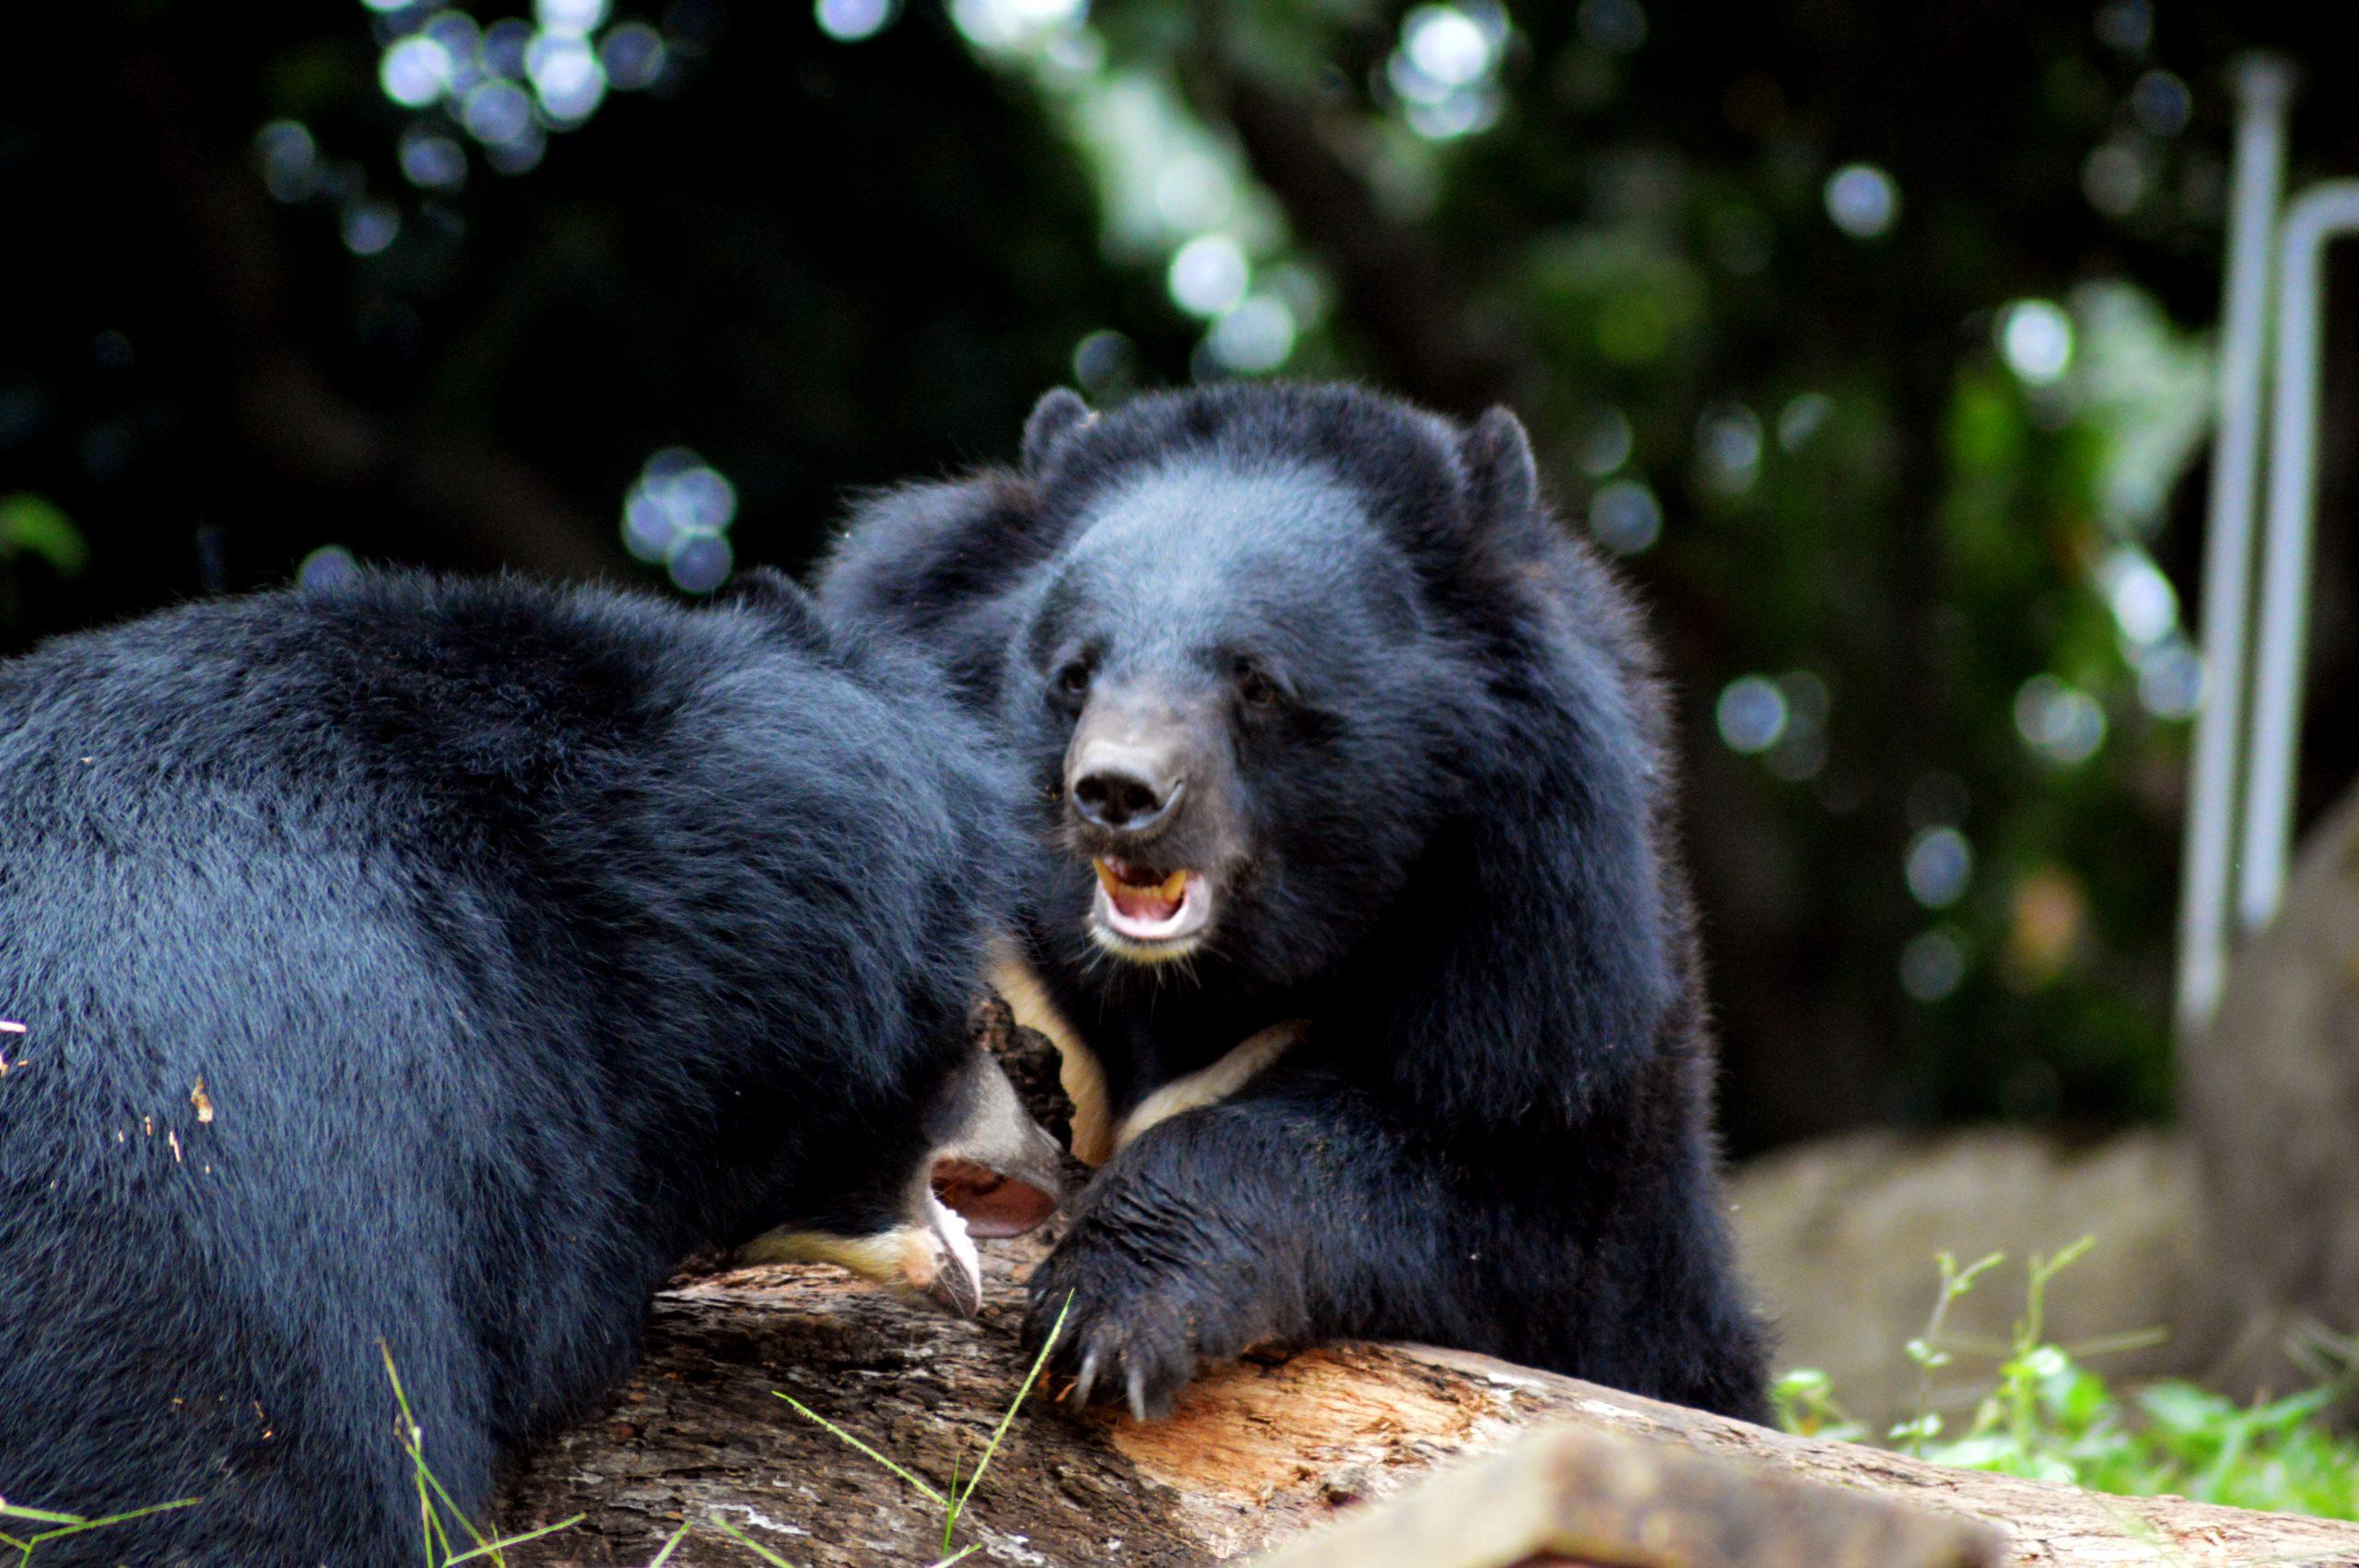 Bear in a jungle